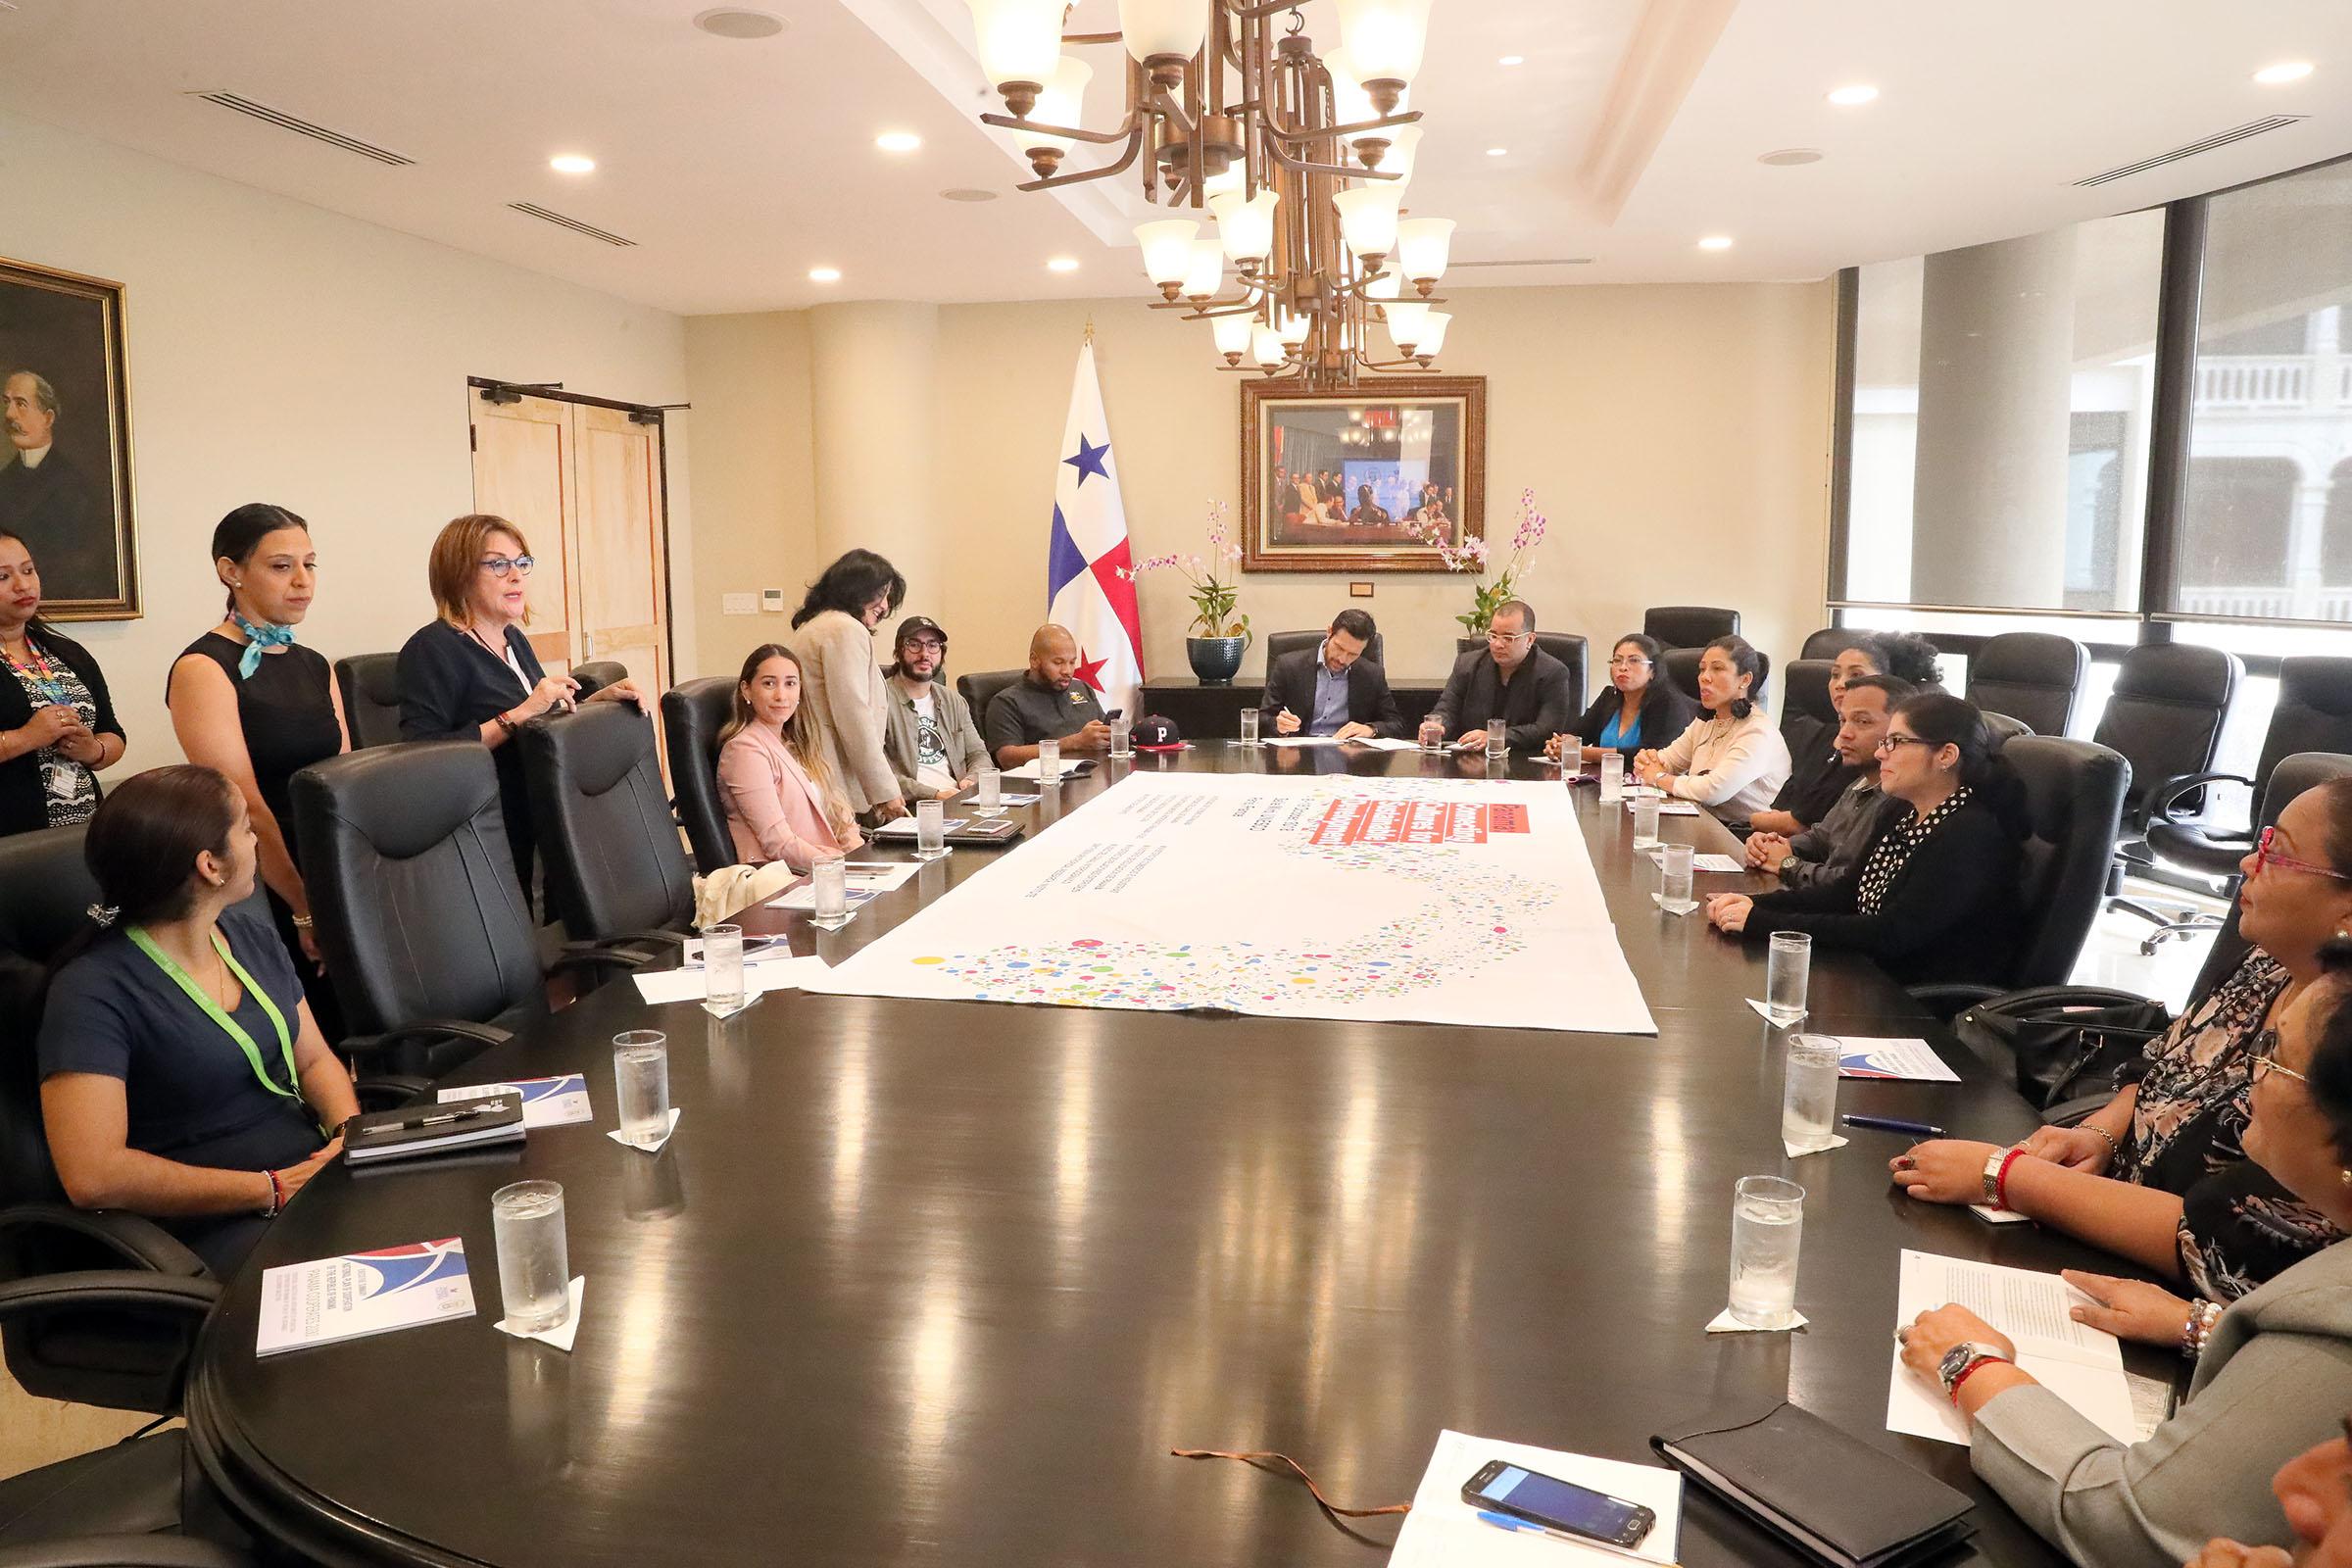 Reunión_Informativa_Panamá_conectando_culturas_para_el_desarrollo_sostenible